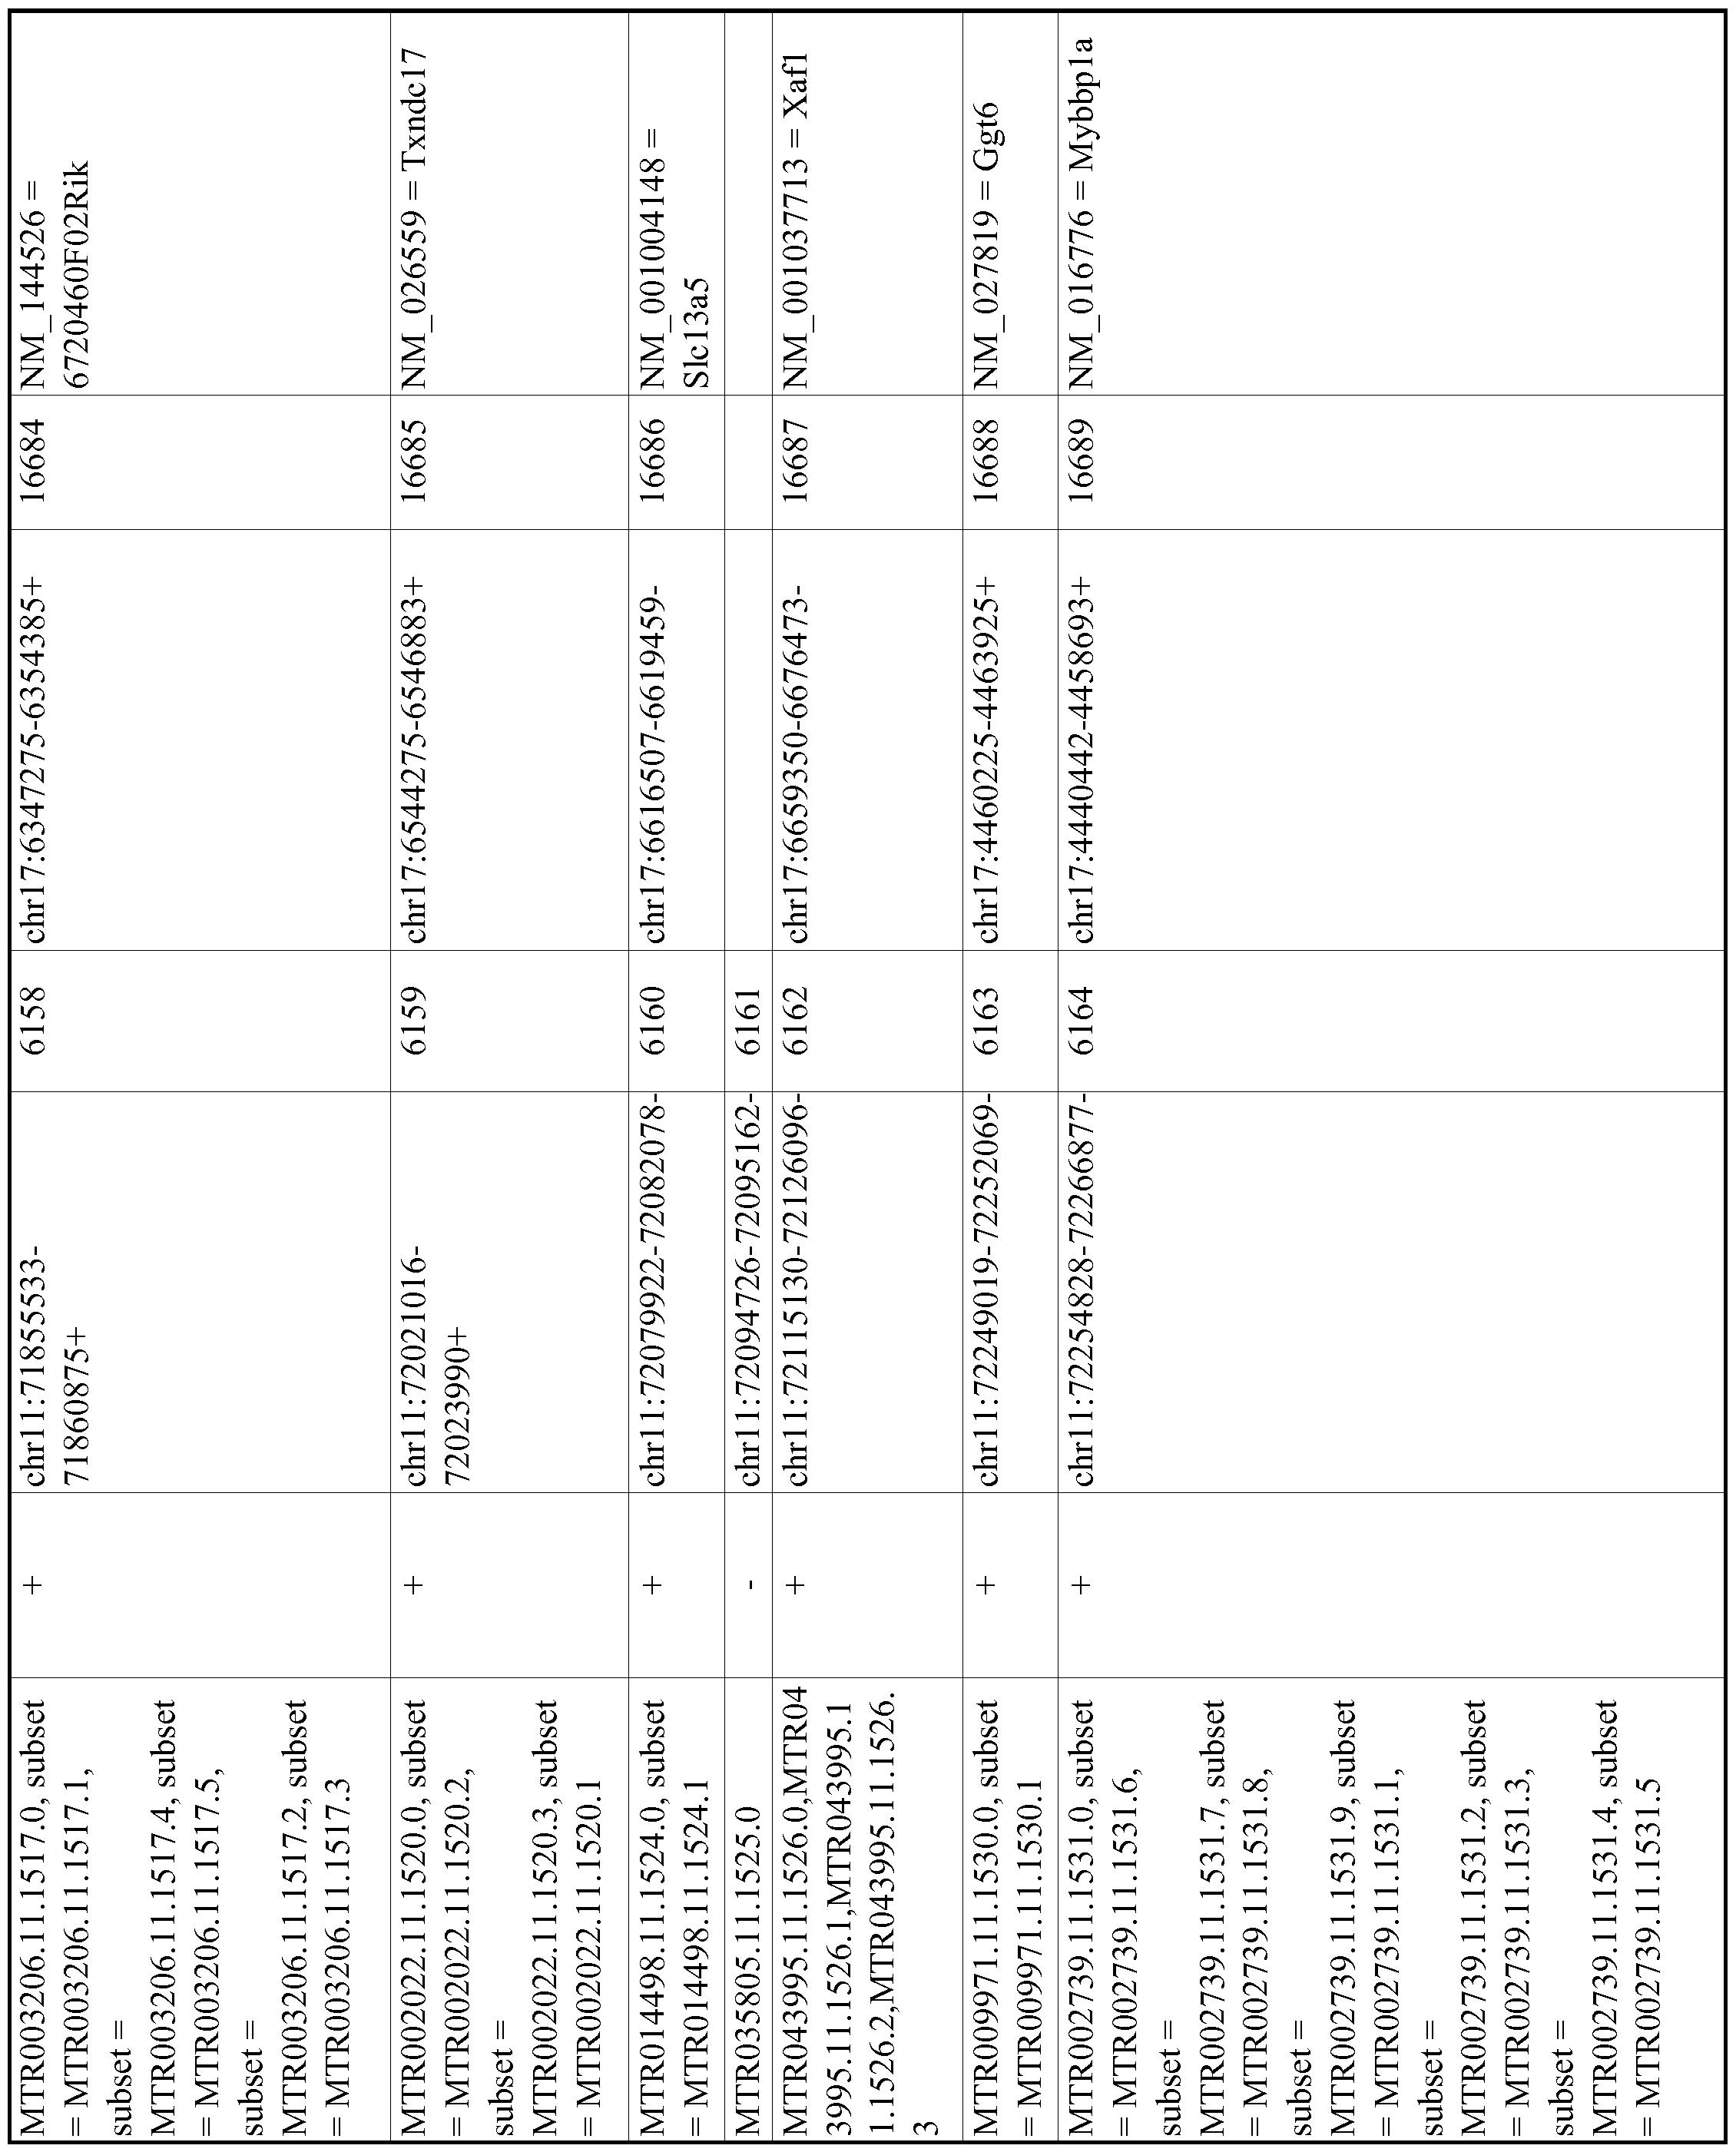 Figure imgf001110_0001